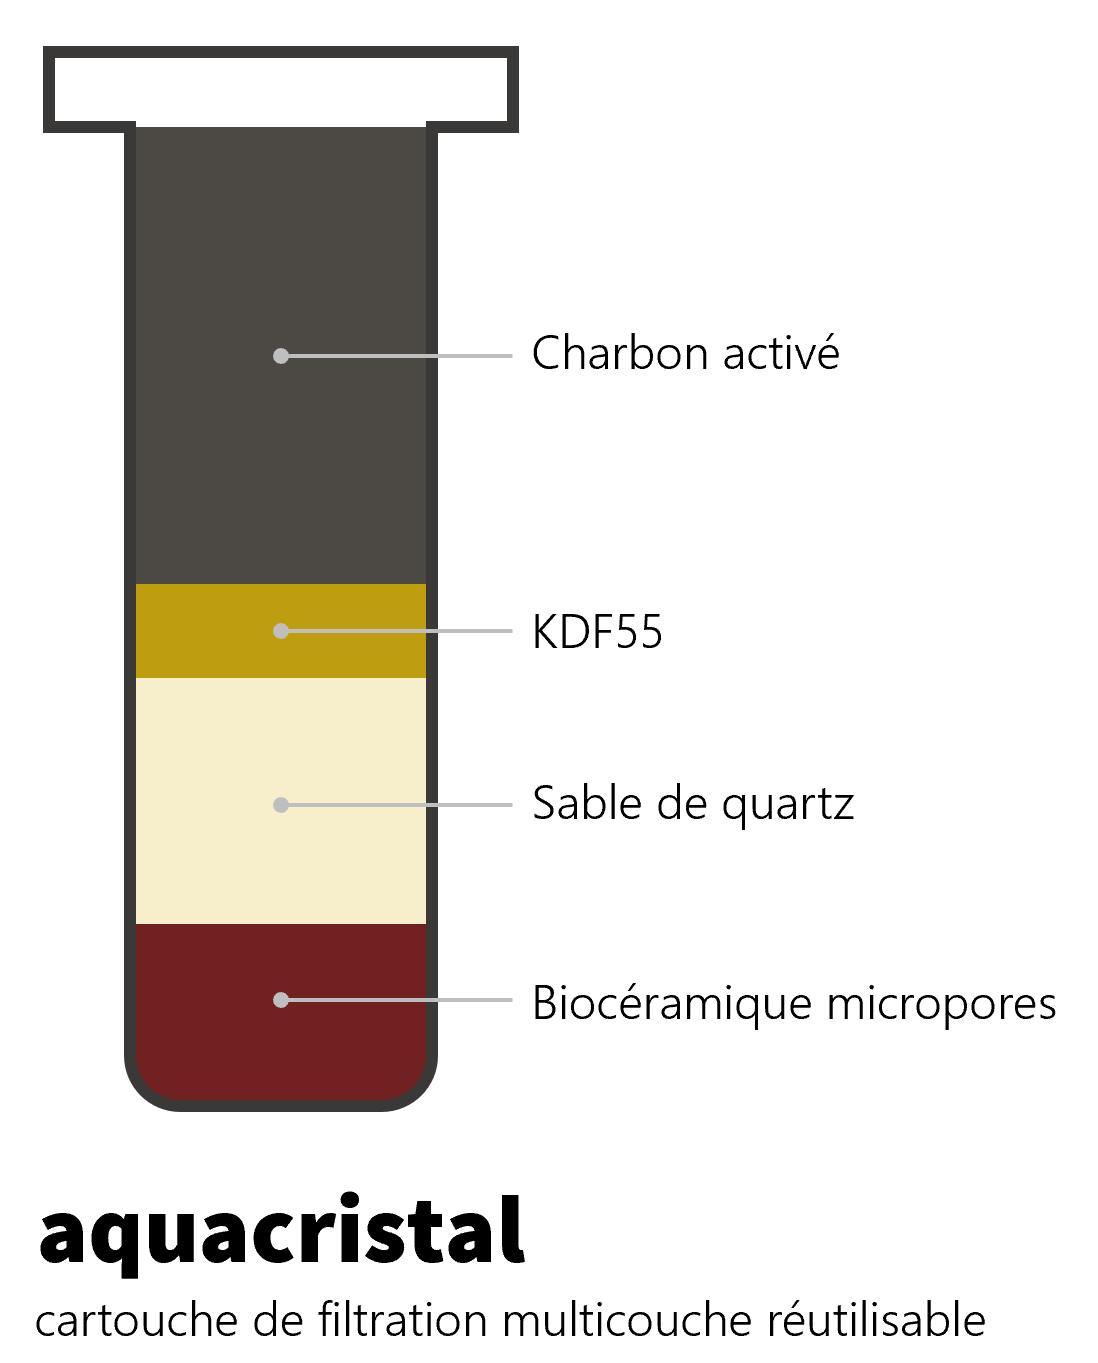 cartouche de filtration multicouche réutilisable